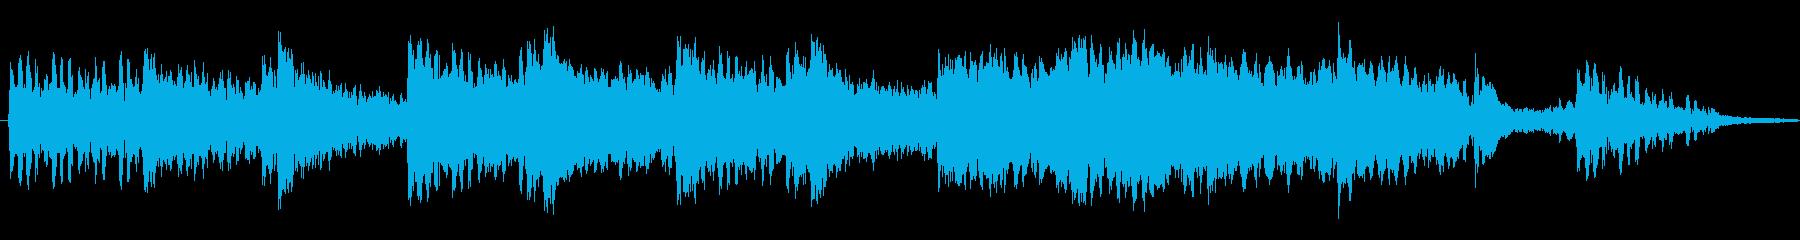 プログレッシブ 交響曲 不思議 奇...の再生済みの波形